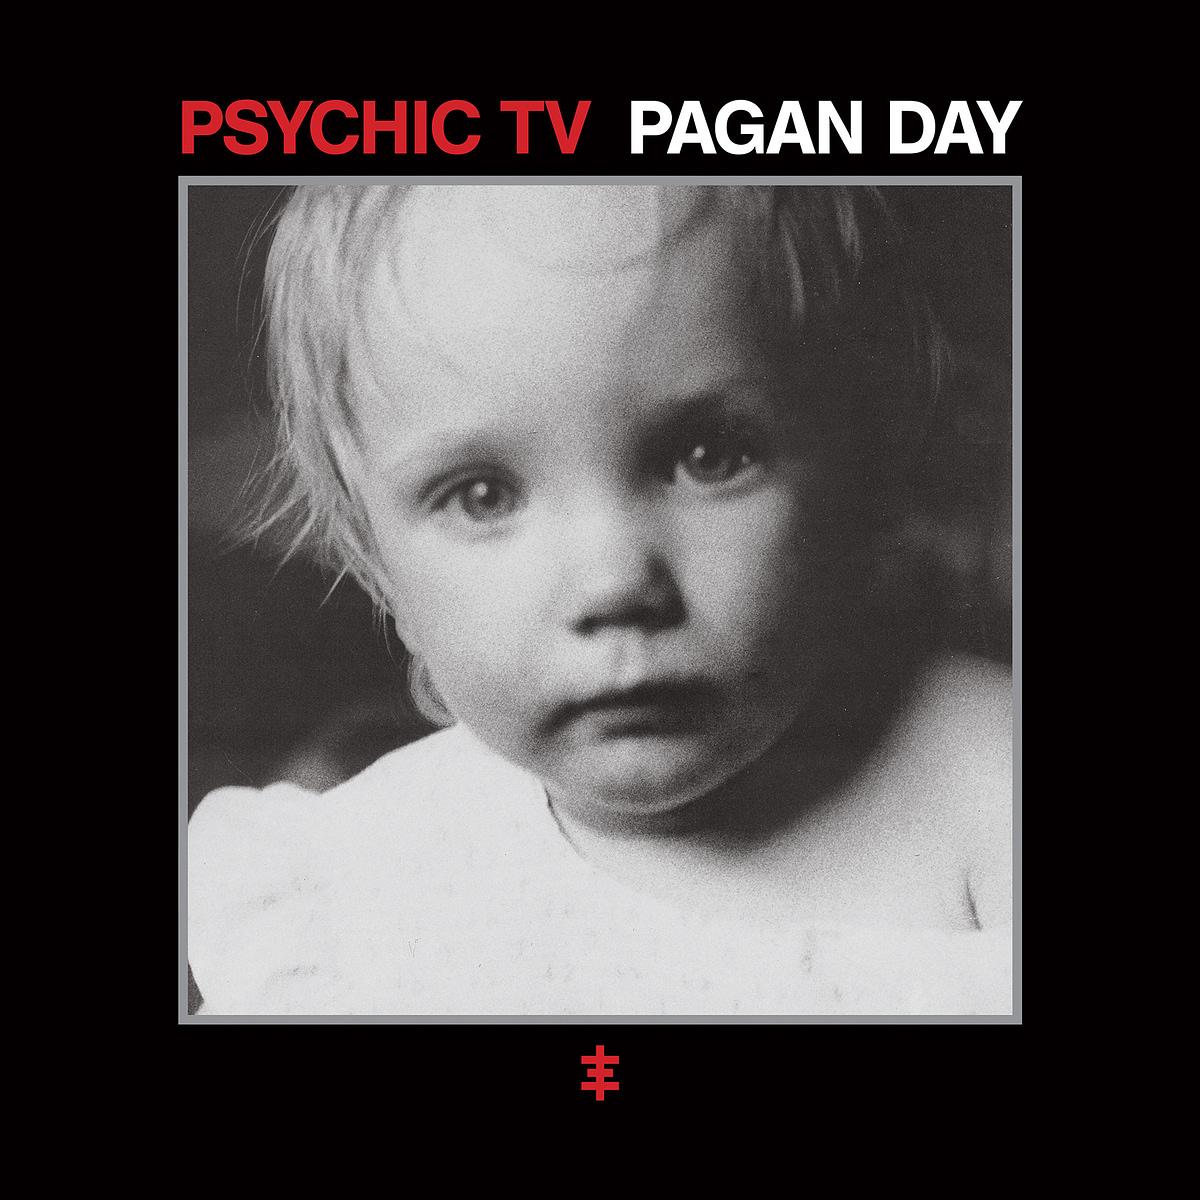 Psychic TV анонсировали виниловые переиздания альбомов «Allegory and Self» и «Pagan Day»